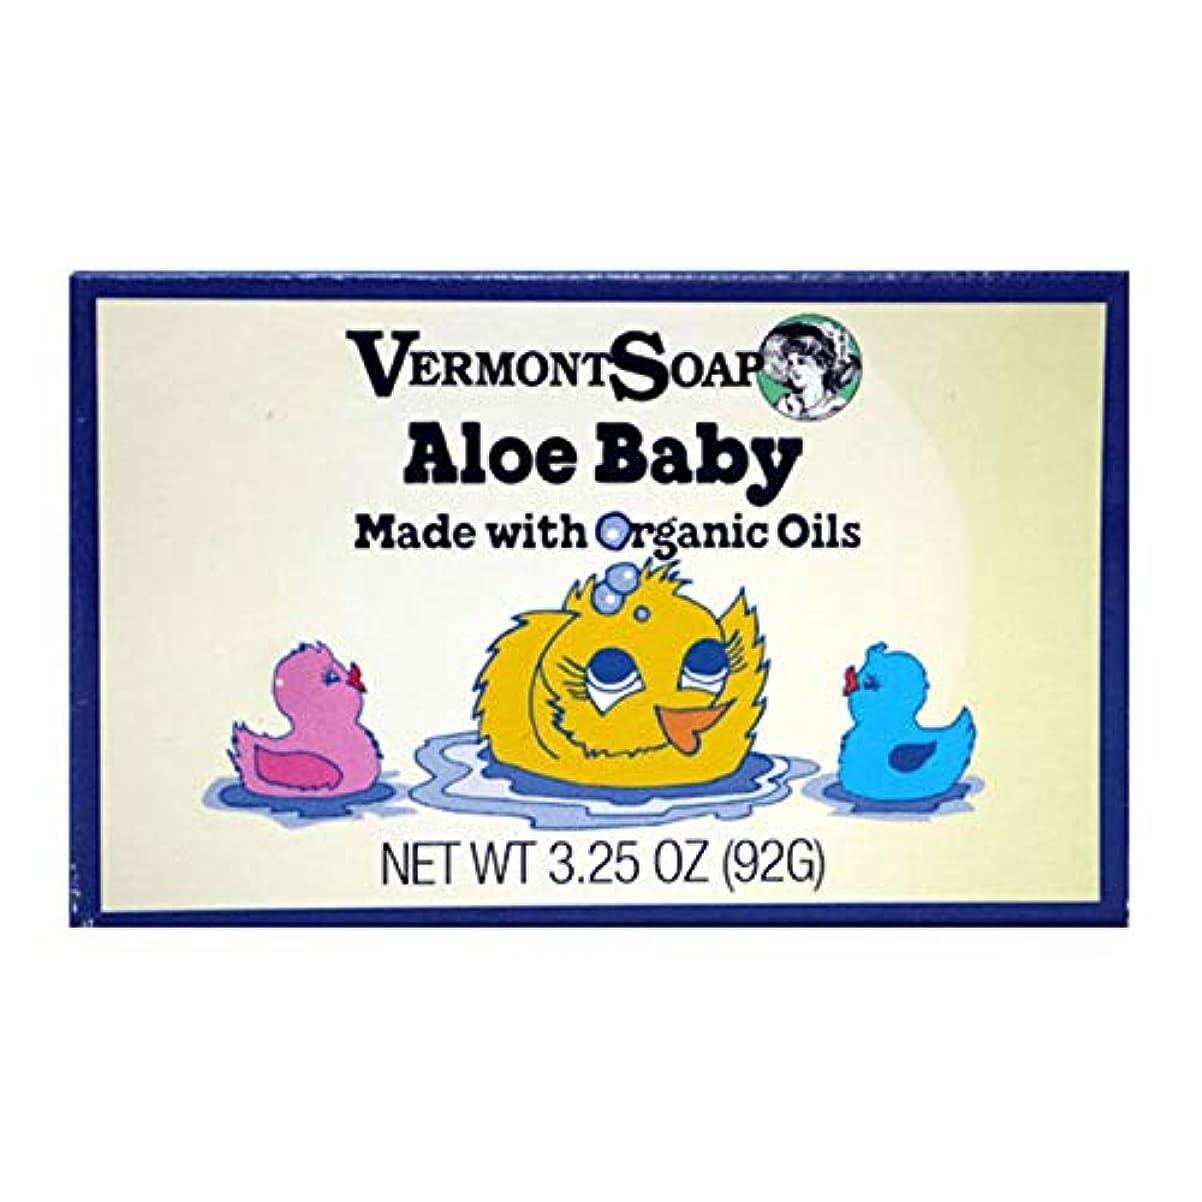 入手します対象あいさつバーモントソープ アロエベビー オーガニック 全身ベビーソープ 赤ちゃん石鹸 92g